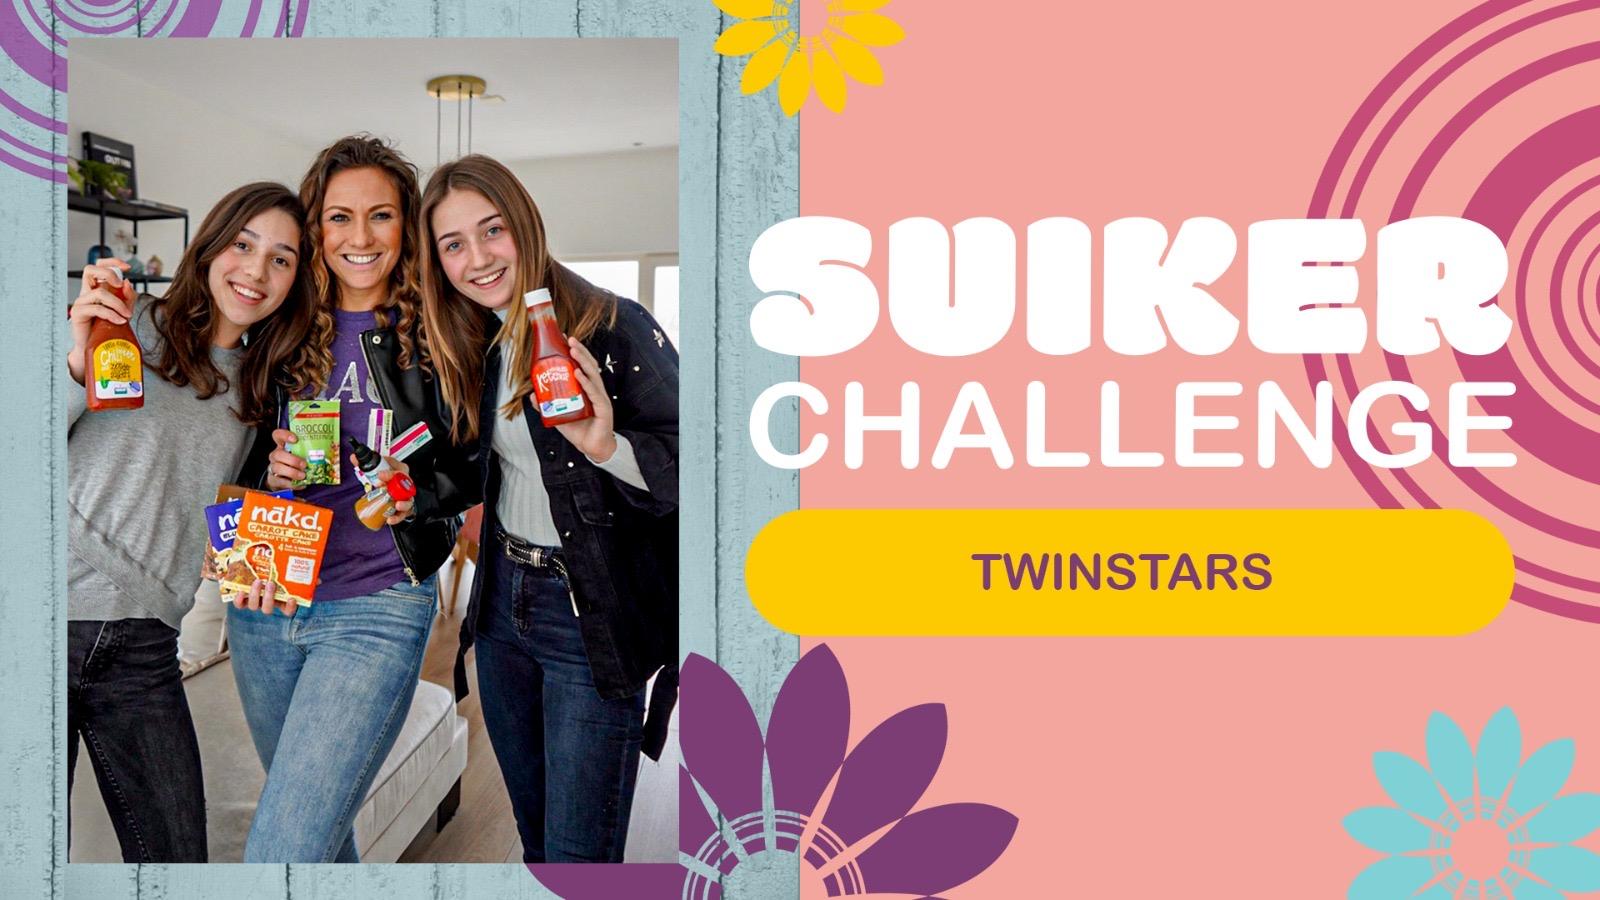 Valsspelen tijdens de SuikerChallenge? met Twinstars